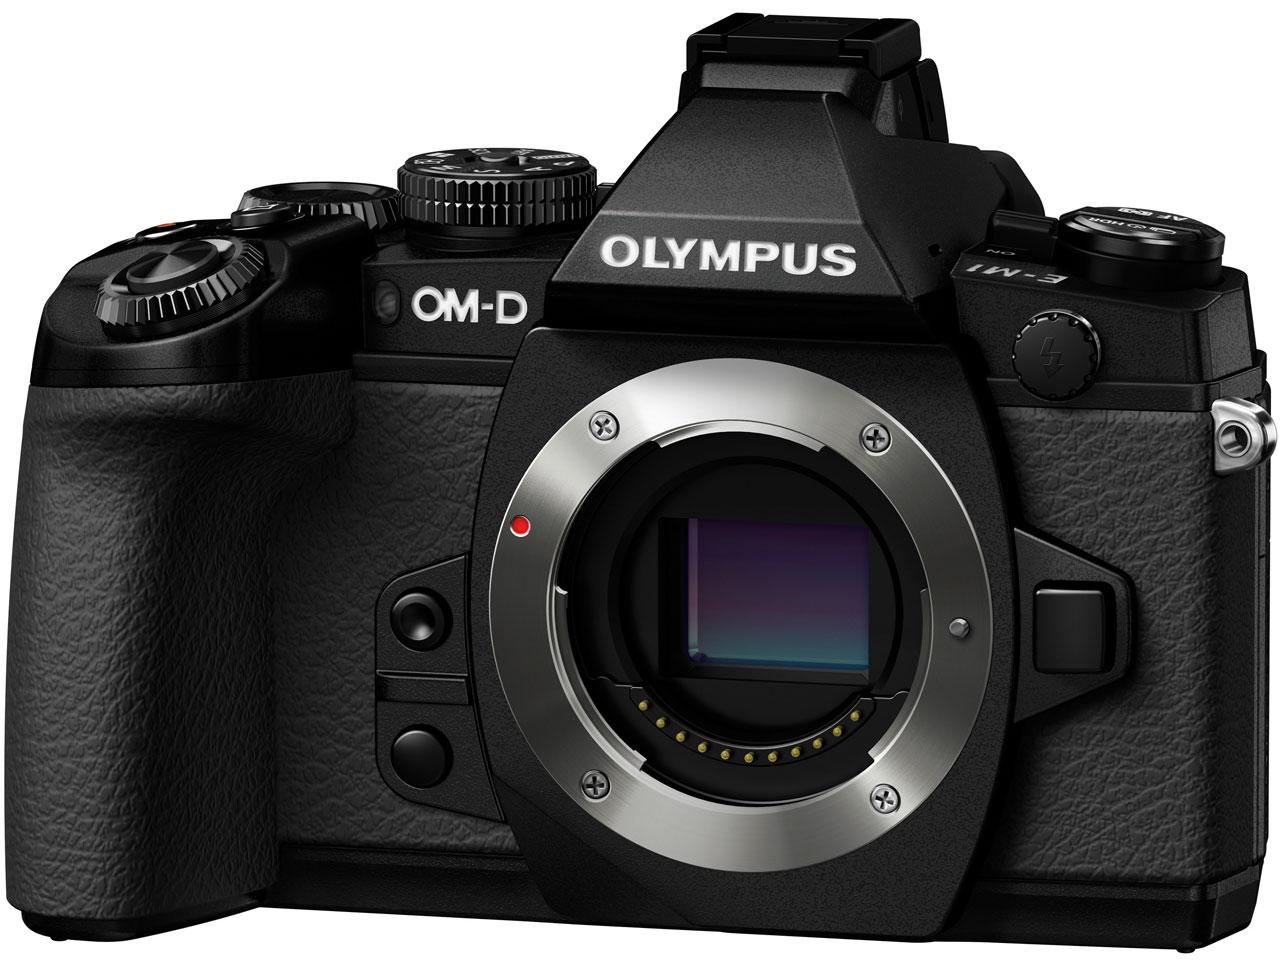 OLYMPUS OM-D E-M1 ボディ の製品画像